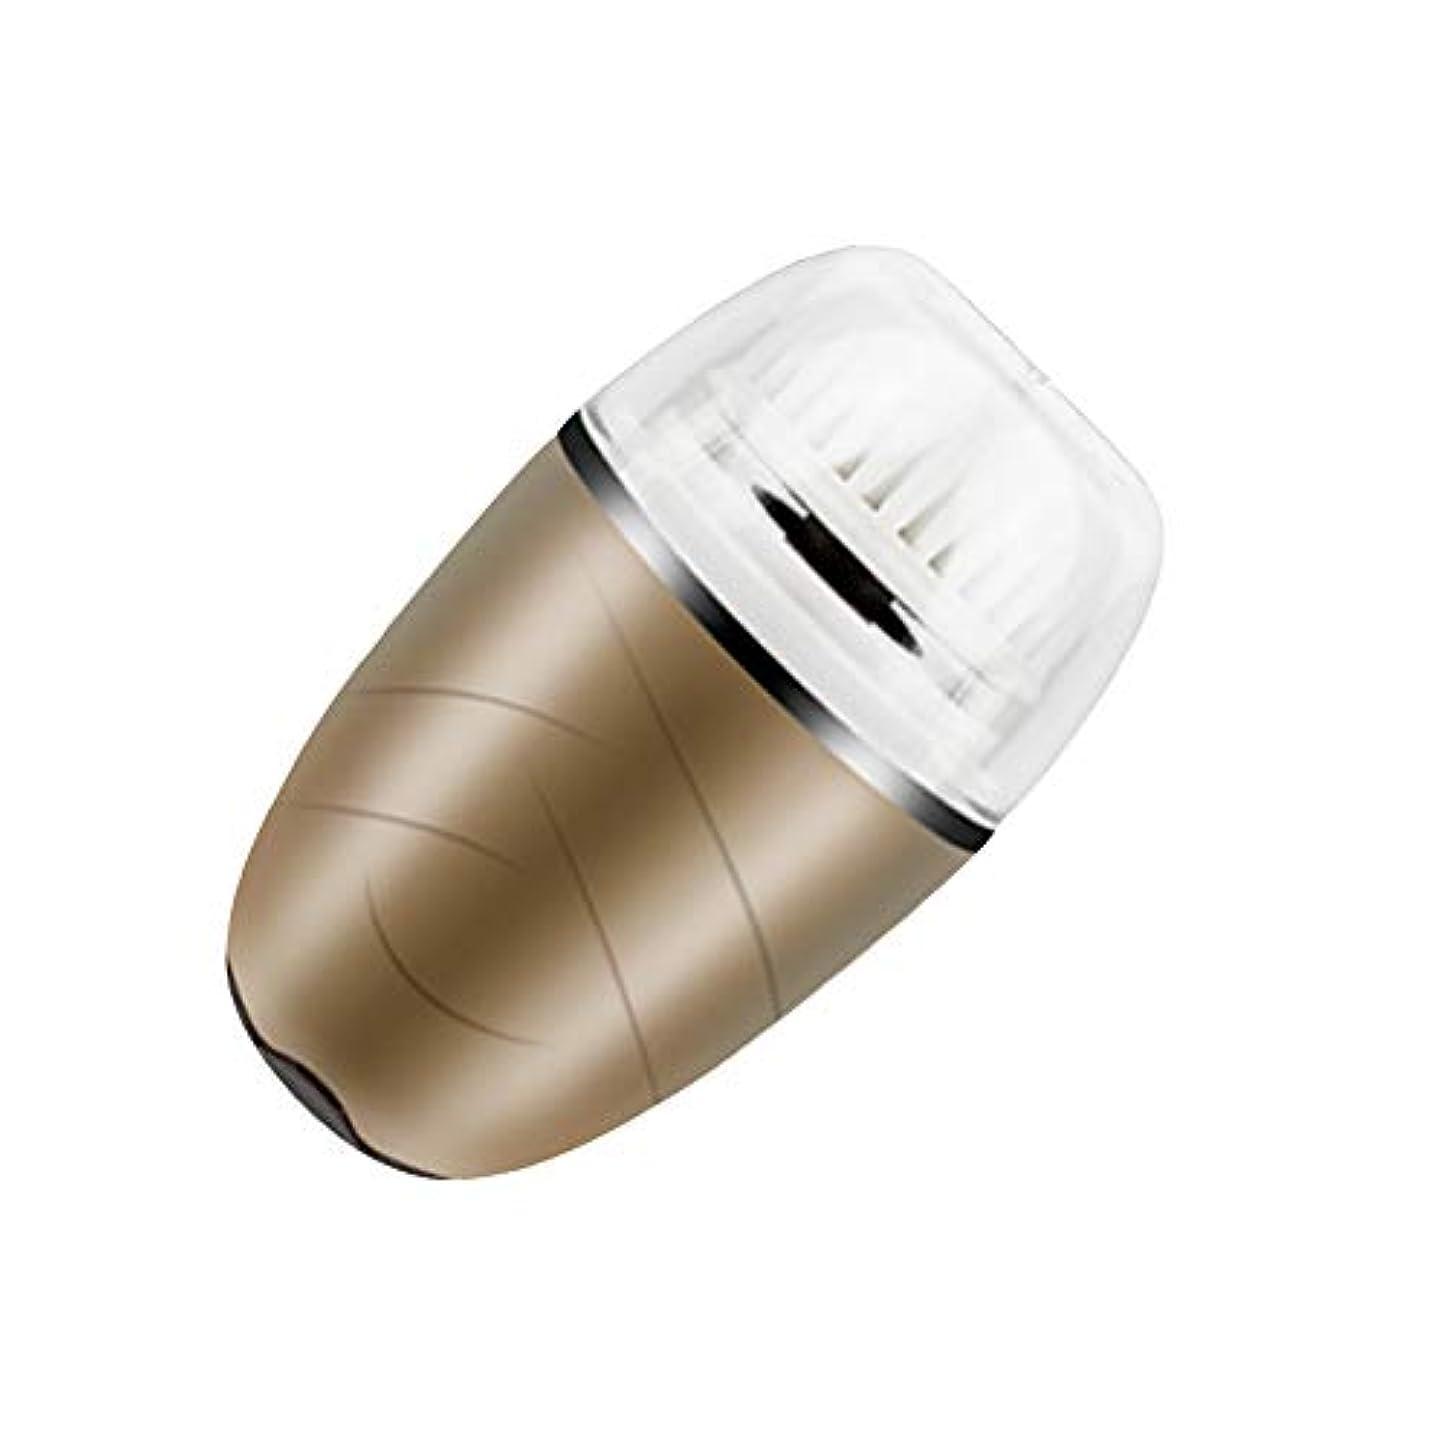 電卓パトワ分配します洗顔ブラシ、電動ソニックフェイスブラシ振動顔クレンジングシステム防水ブラシにきびエクスフォリエーター USB 充電式,Gold